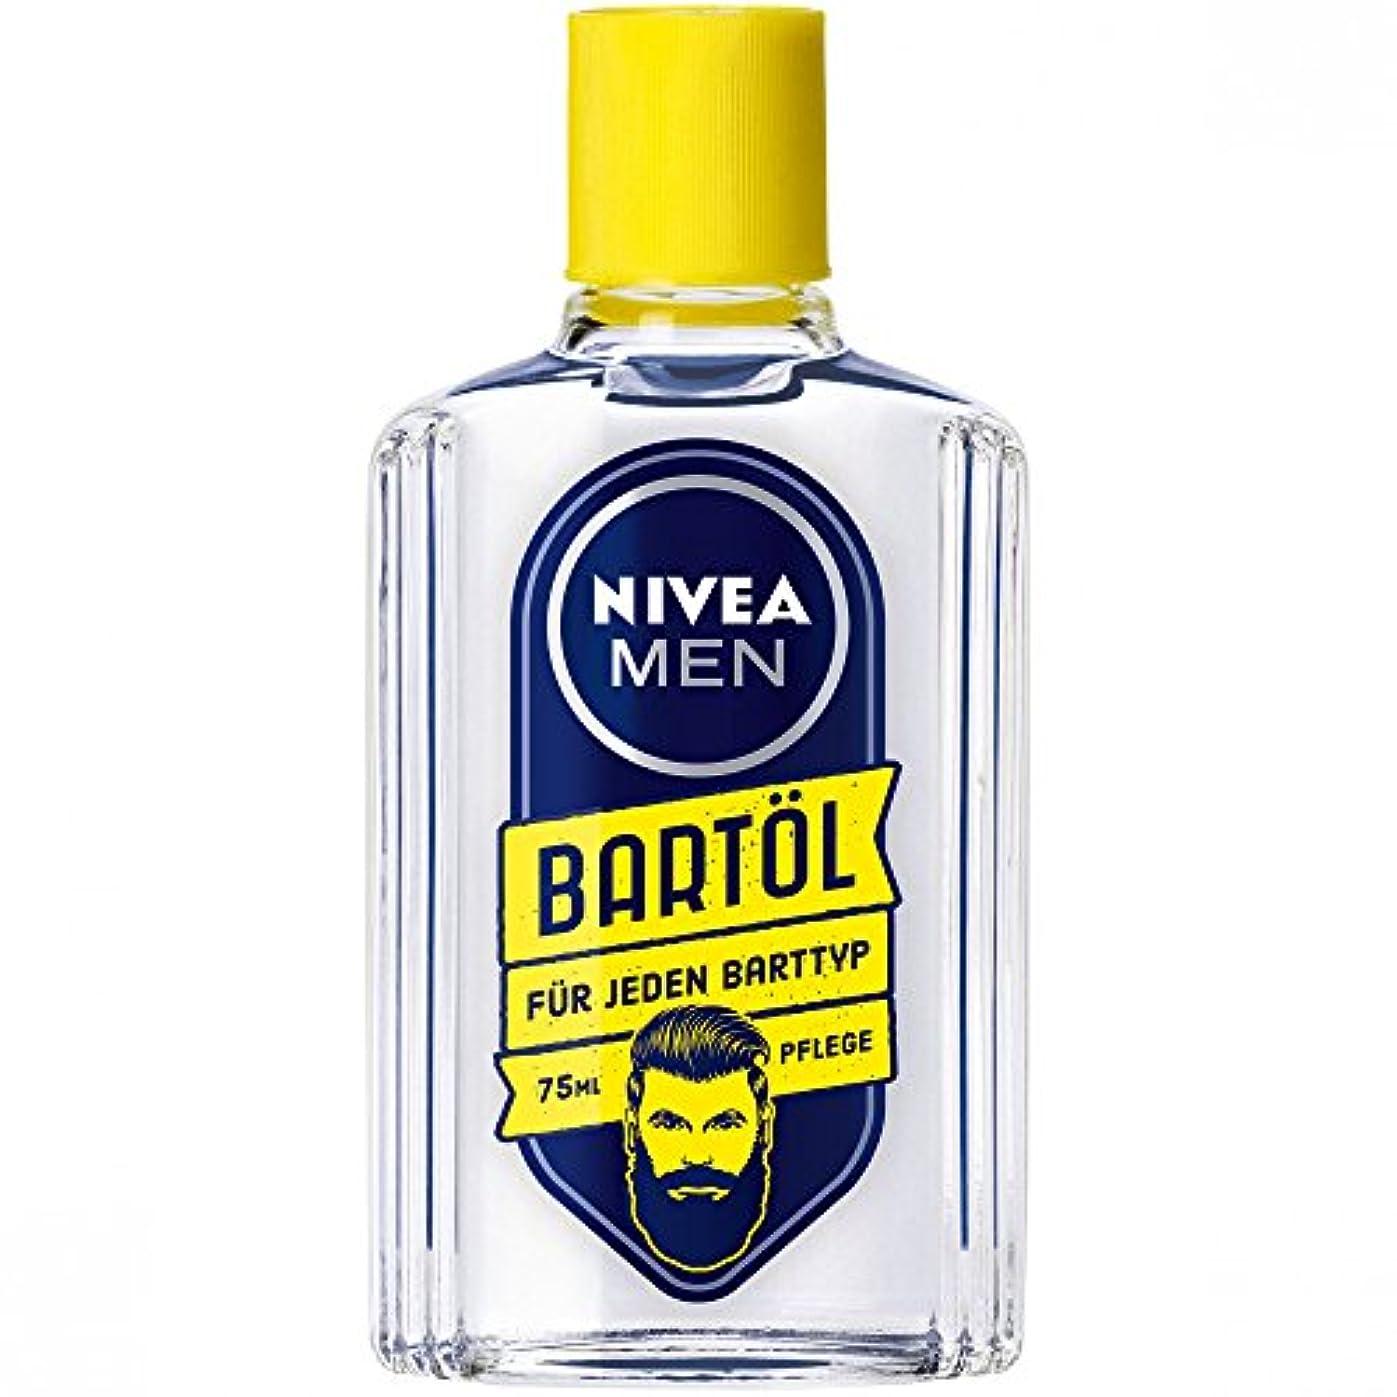 カフェテリアトラップ過半数ニベアメン Beard Oil ひげの維持のための油 75ml (1) [並行輸入品]